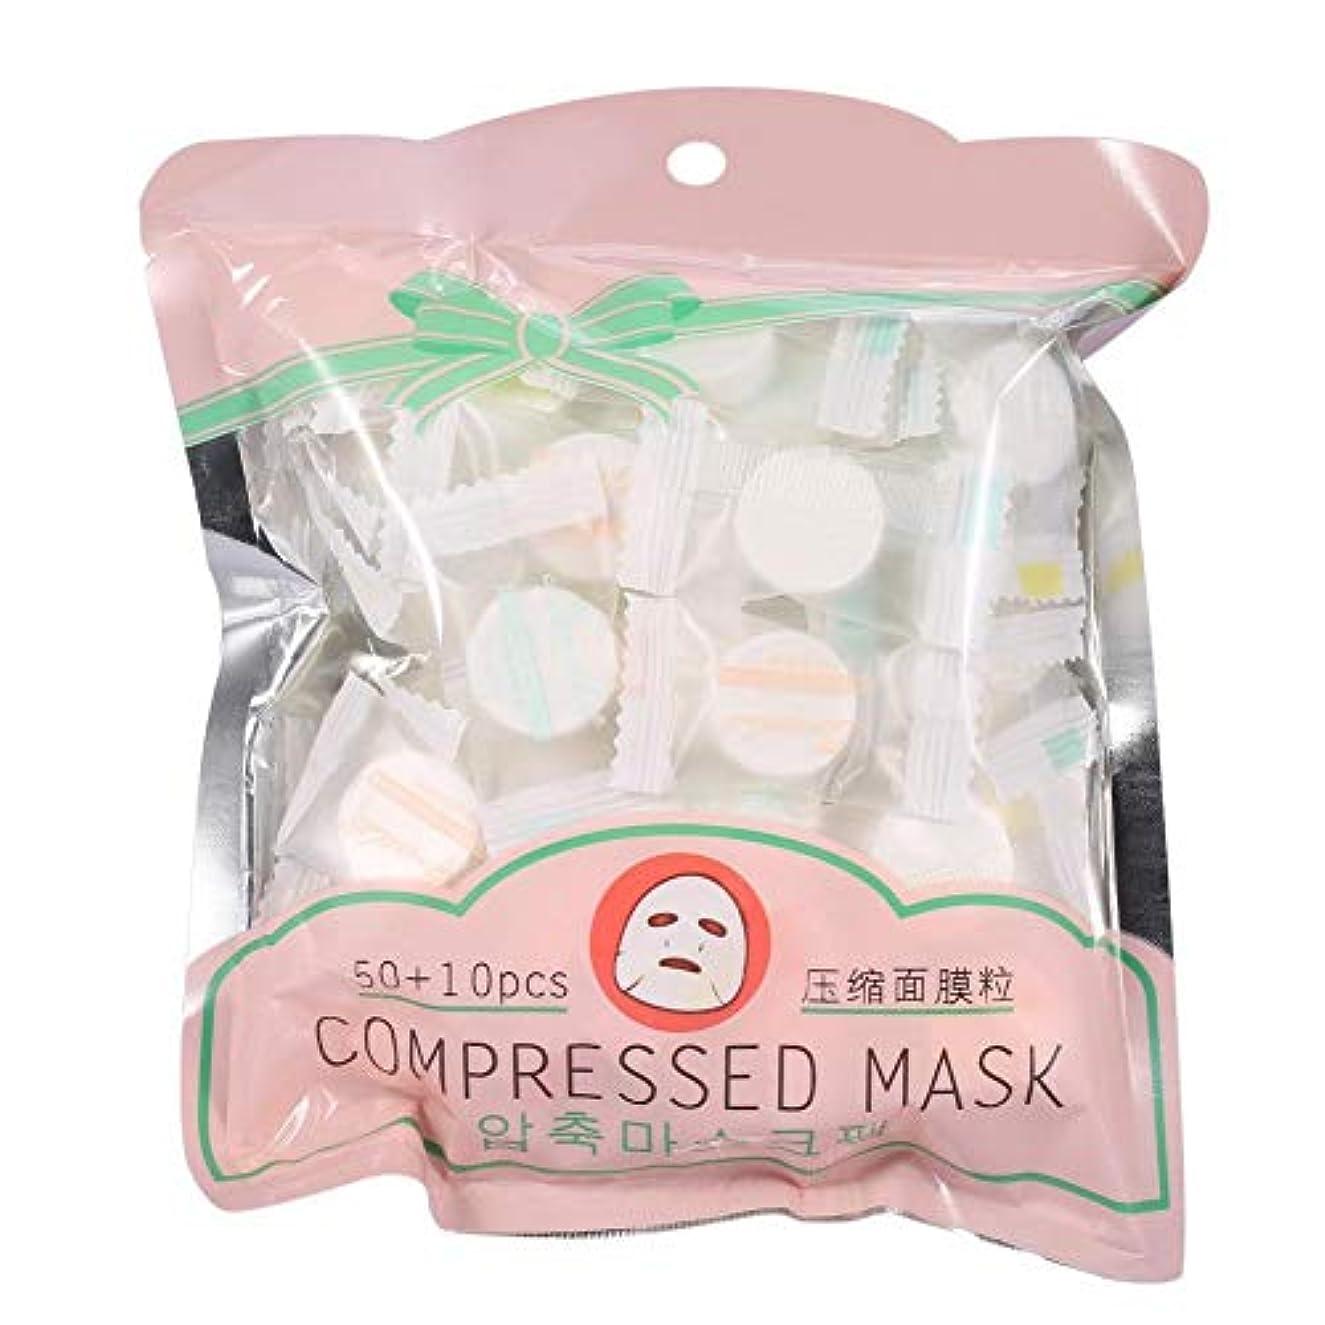 メンテナンスハイランドコーン圧縮マスク、60/30/15ピース屋外旅行圧縮綿使い捨てマスクタブレット布ワイプ紙ティッシュフェイスケアdiyフェイシャルペーパーマスク(60個)